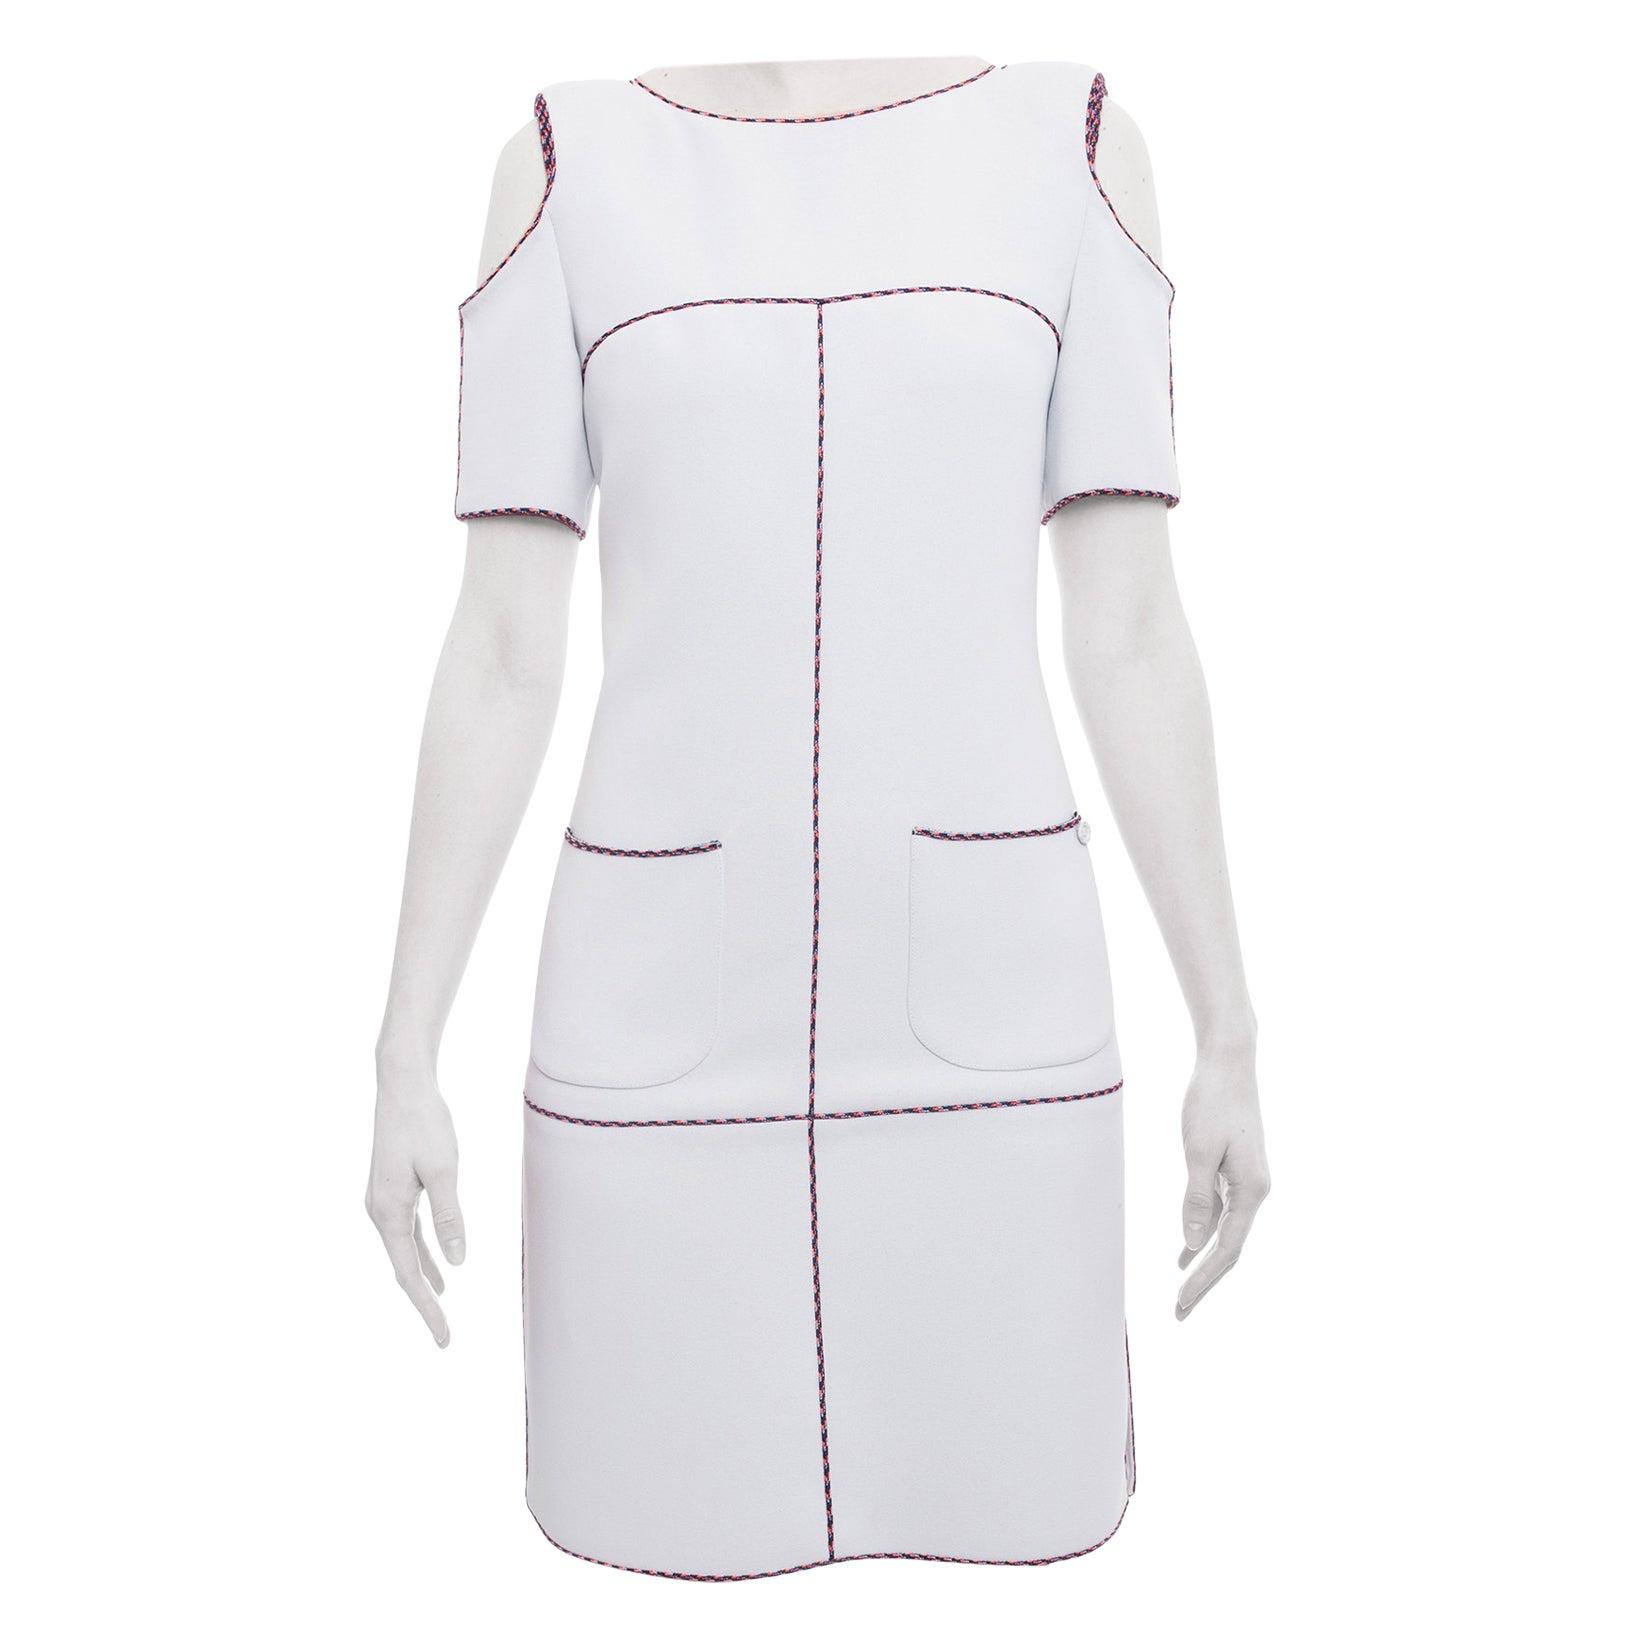 Chanel 14P Light Grey Cold Shoulder Runway Dress - 6